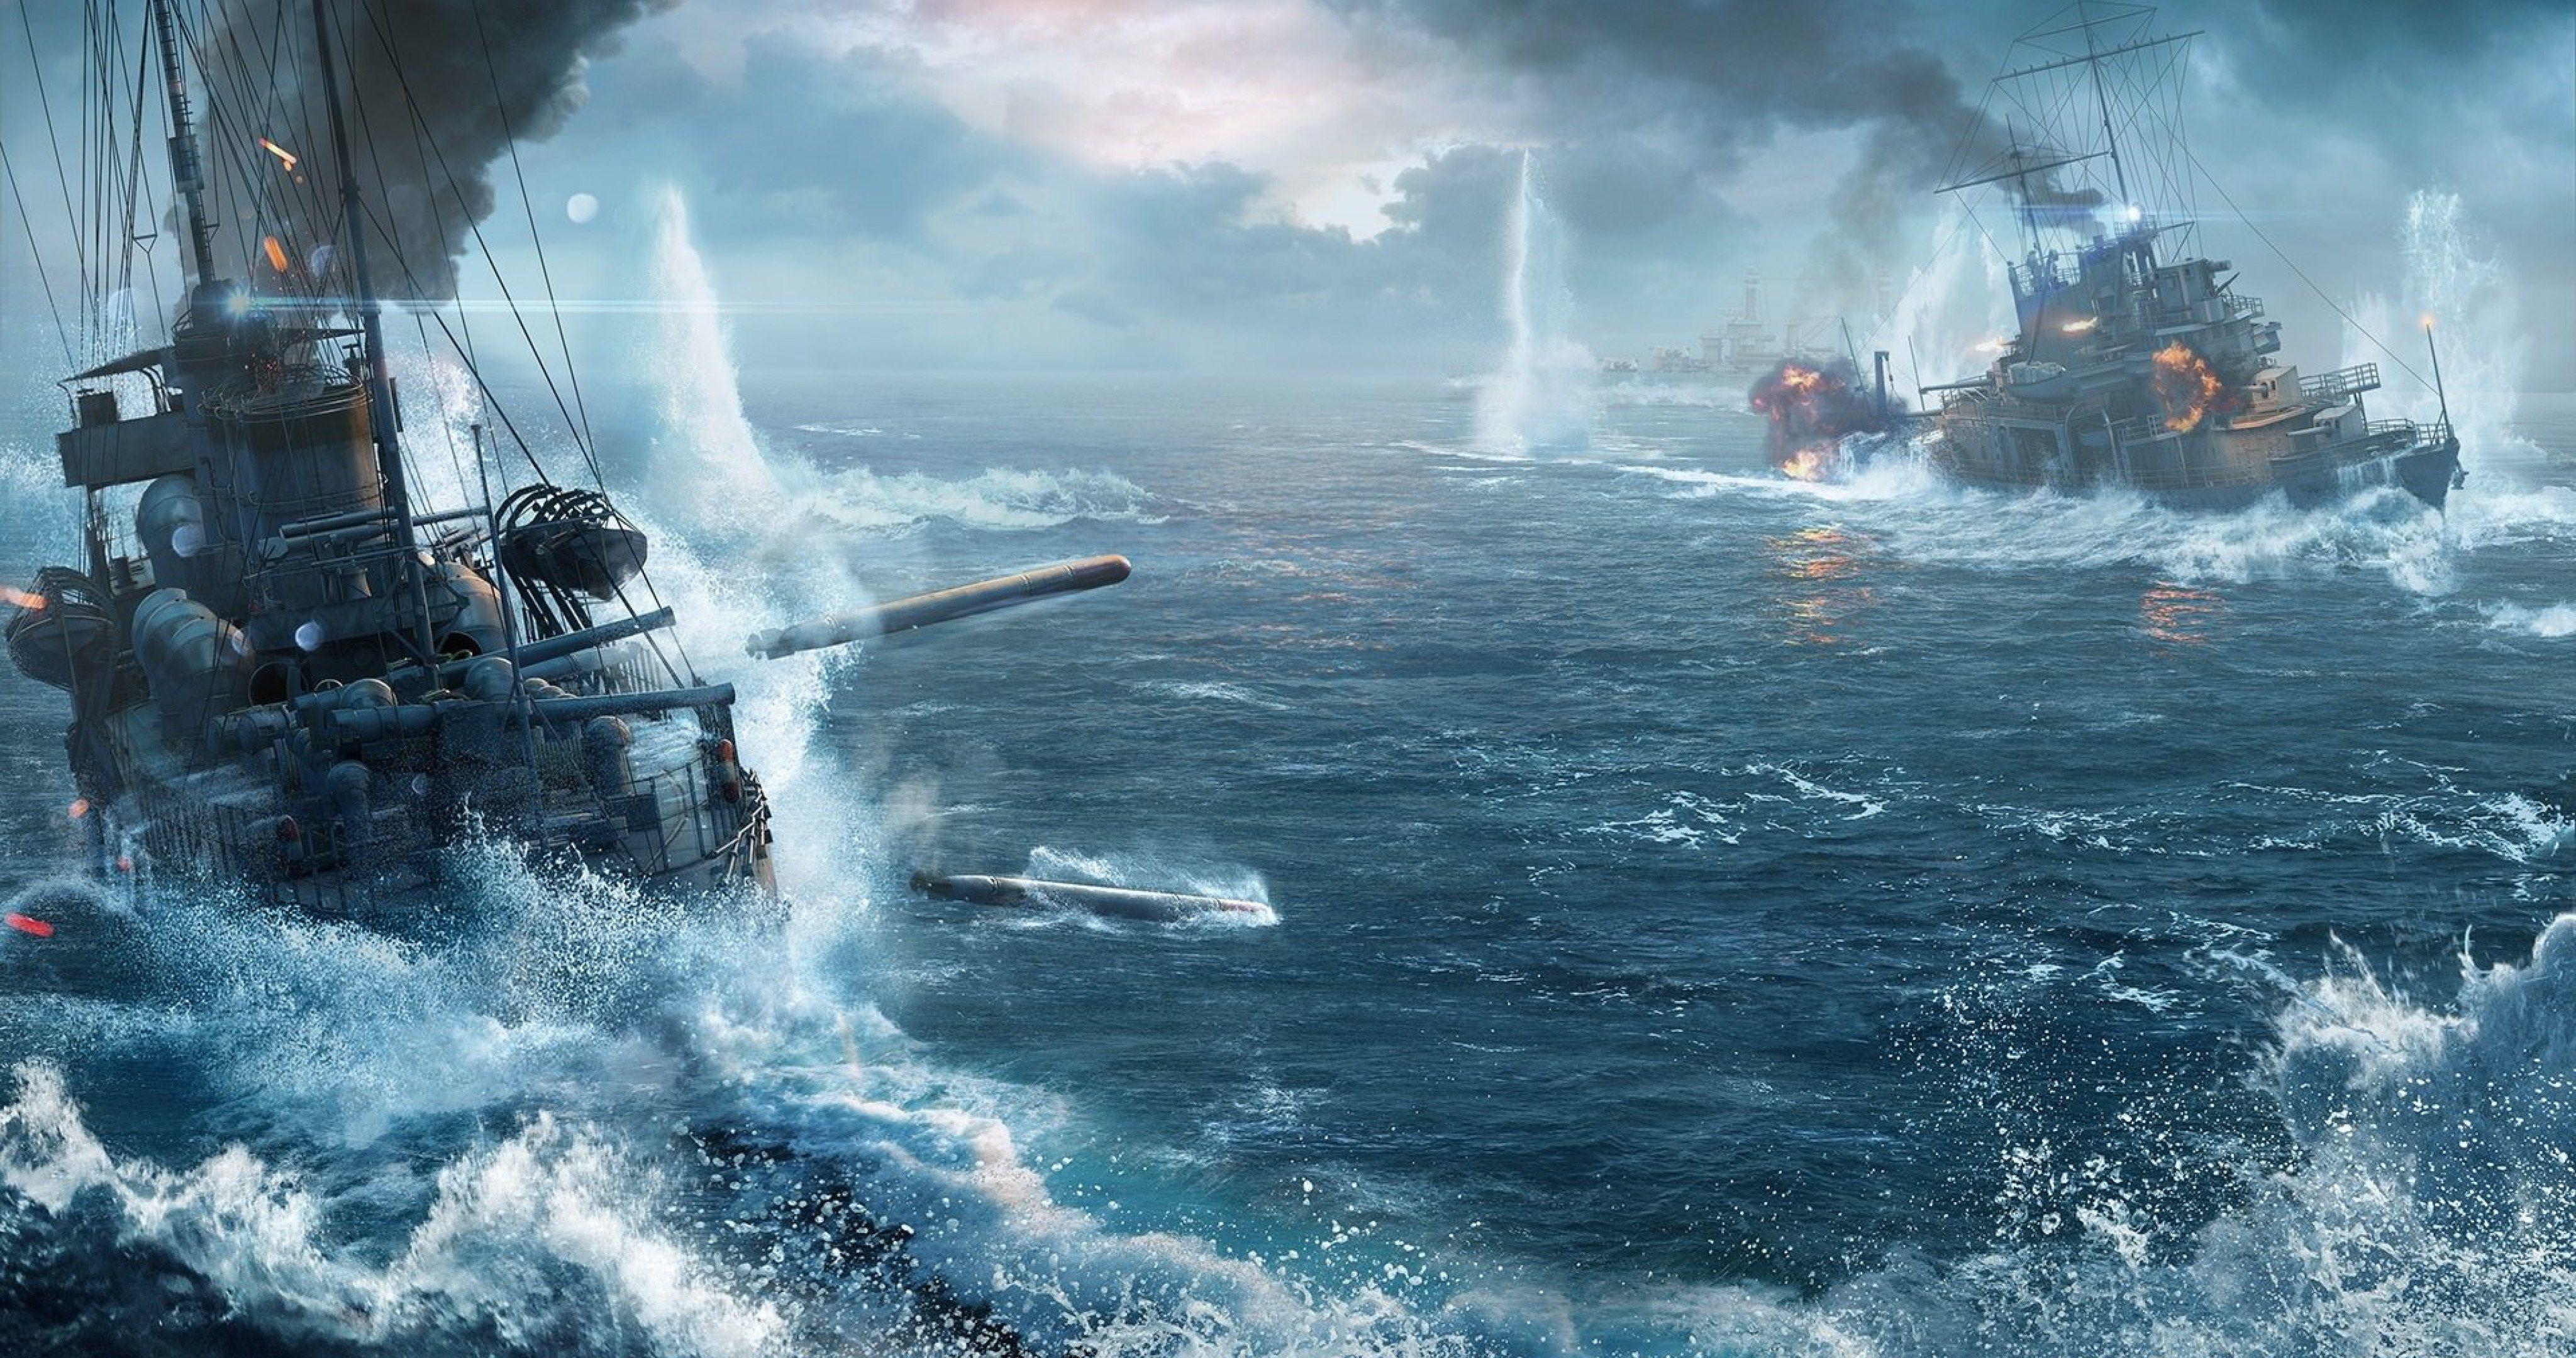 World Of Warships Battle 4k Ultra Hd Wallpaper World Of Warships Wallpaper Warship Battle Warship